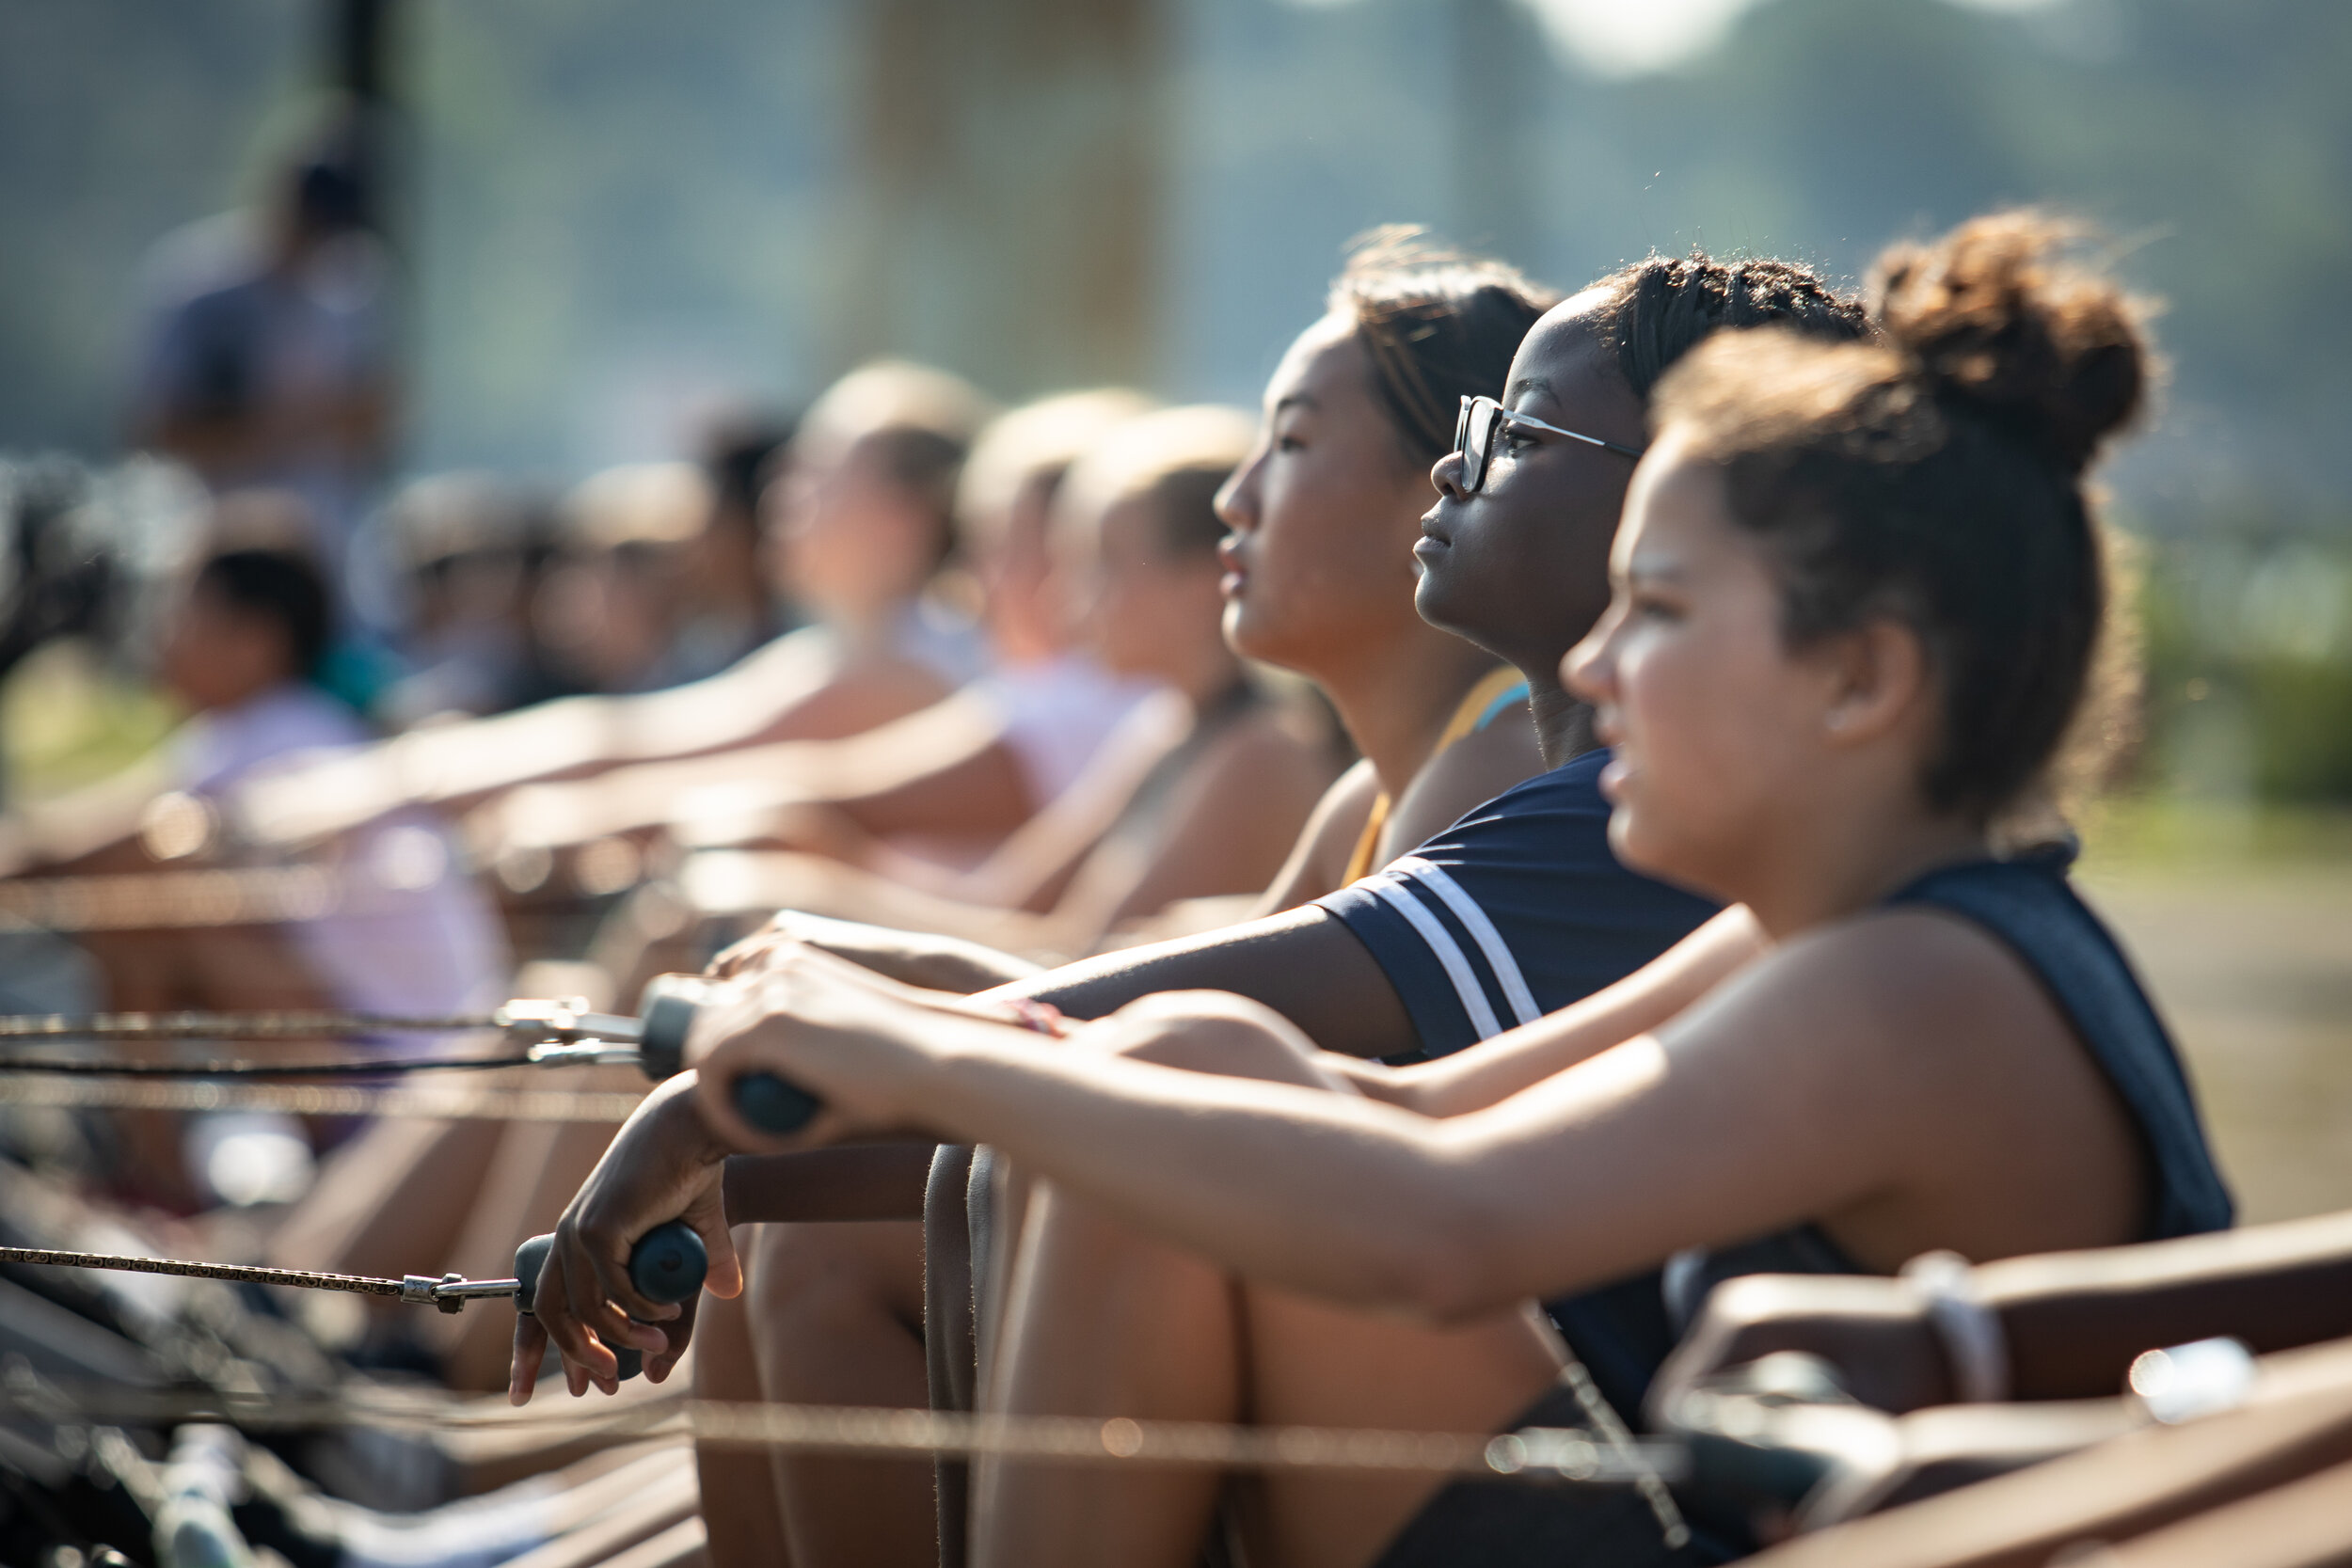 Learn-to-Row & Row'N'Race -